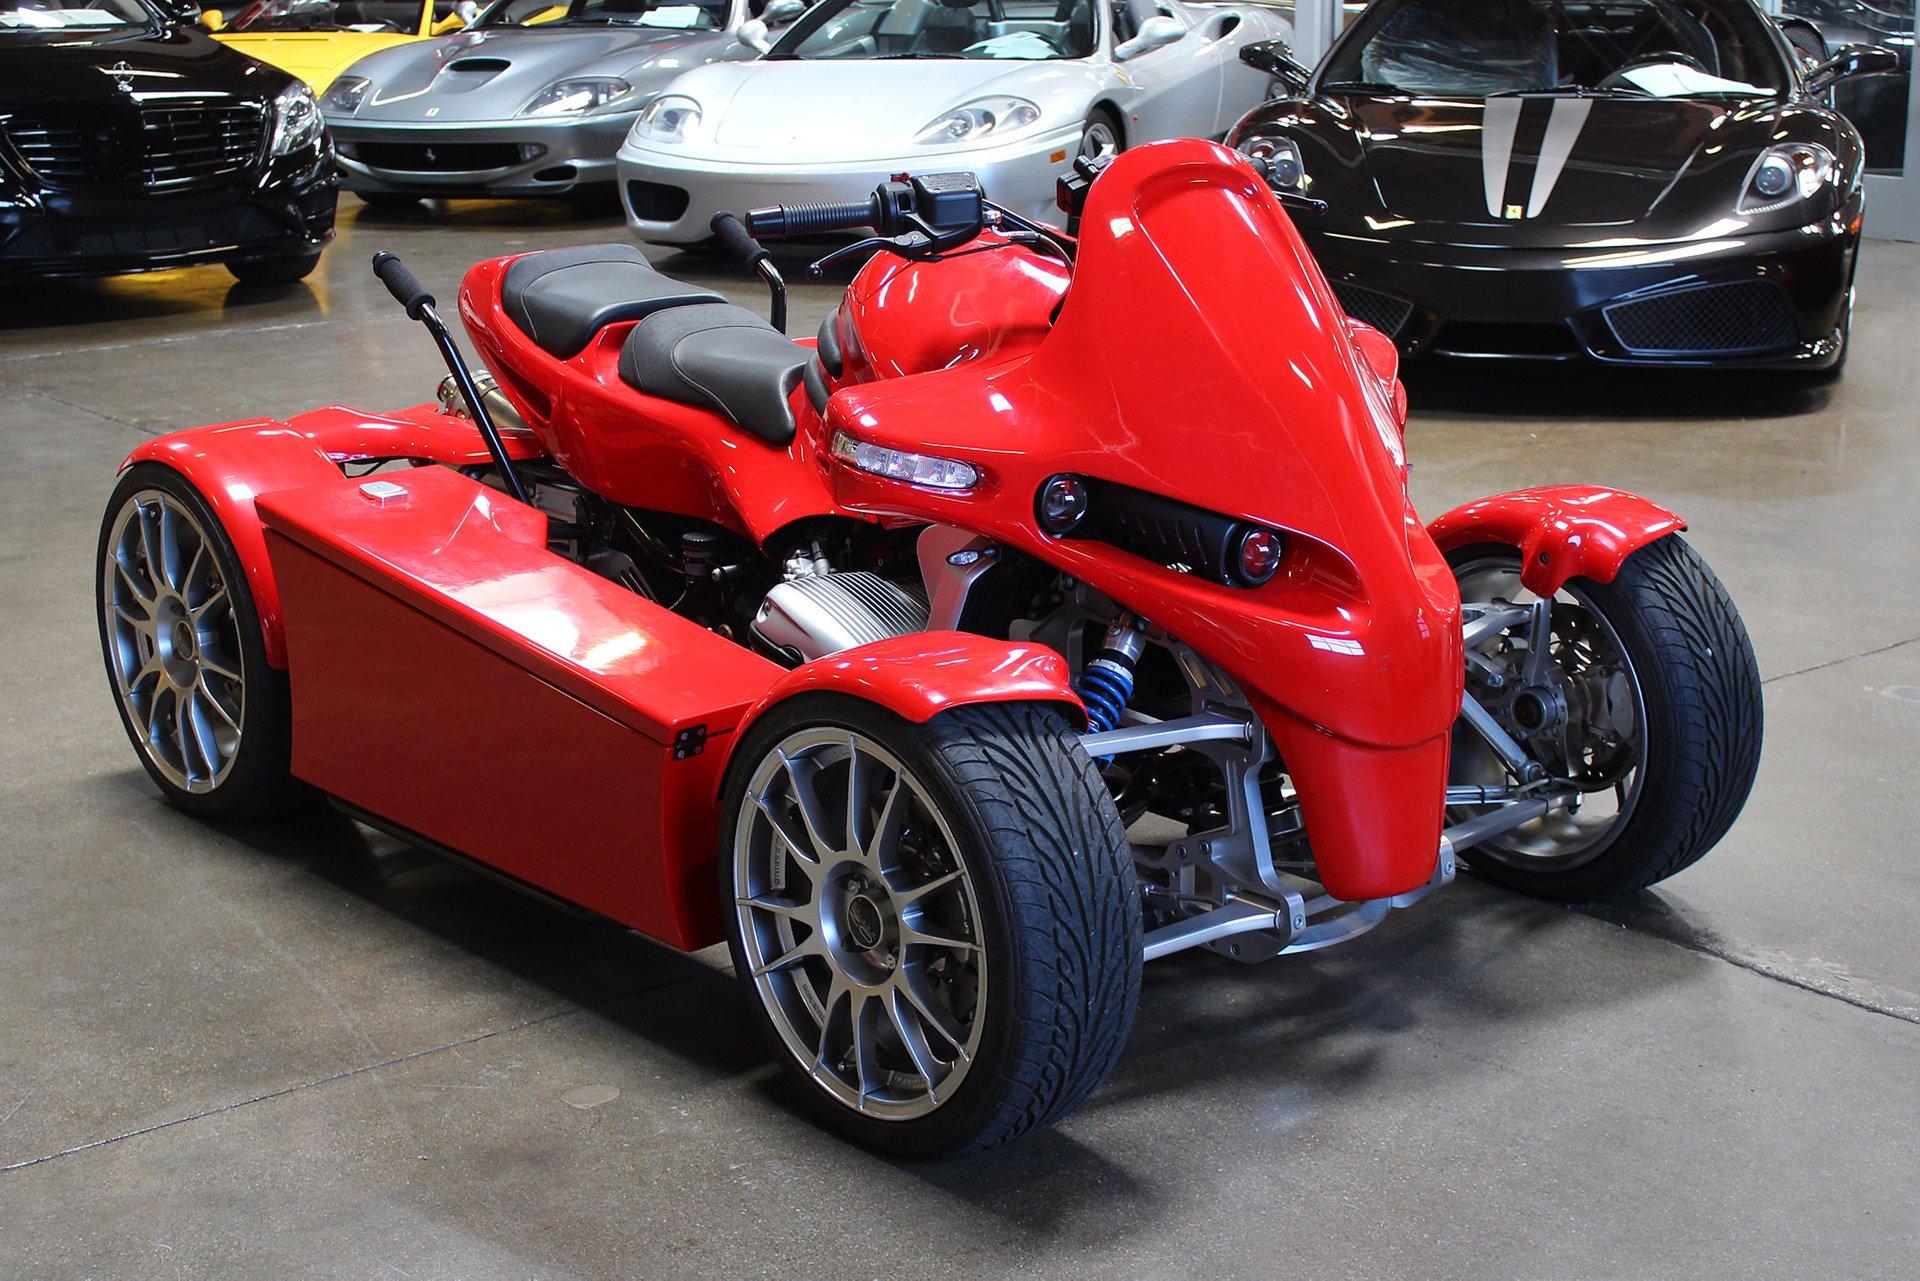 2006 bmw gg quad